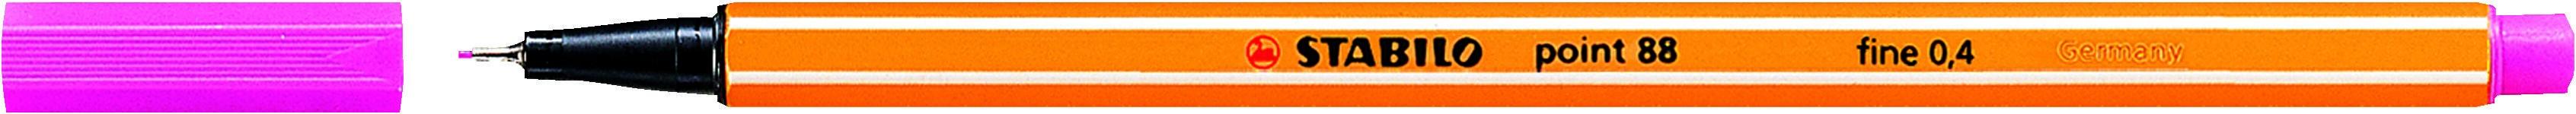 STABILO point 88 - Feutre fin - 0.4 mm - rose